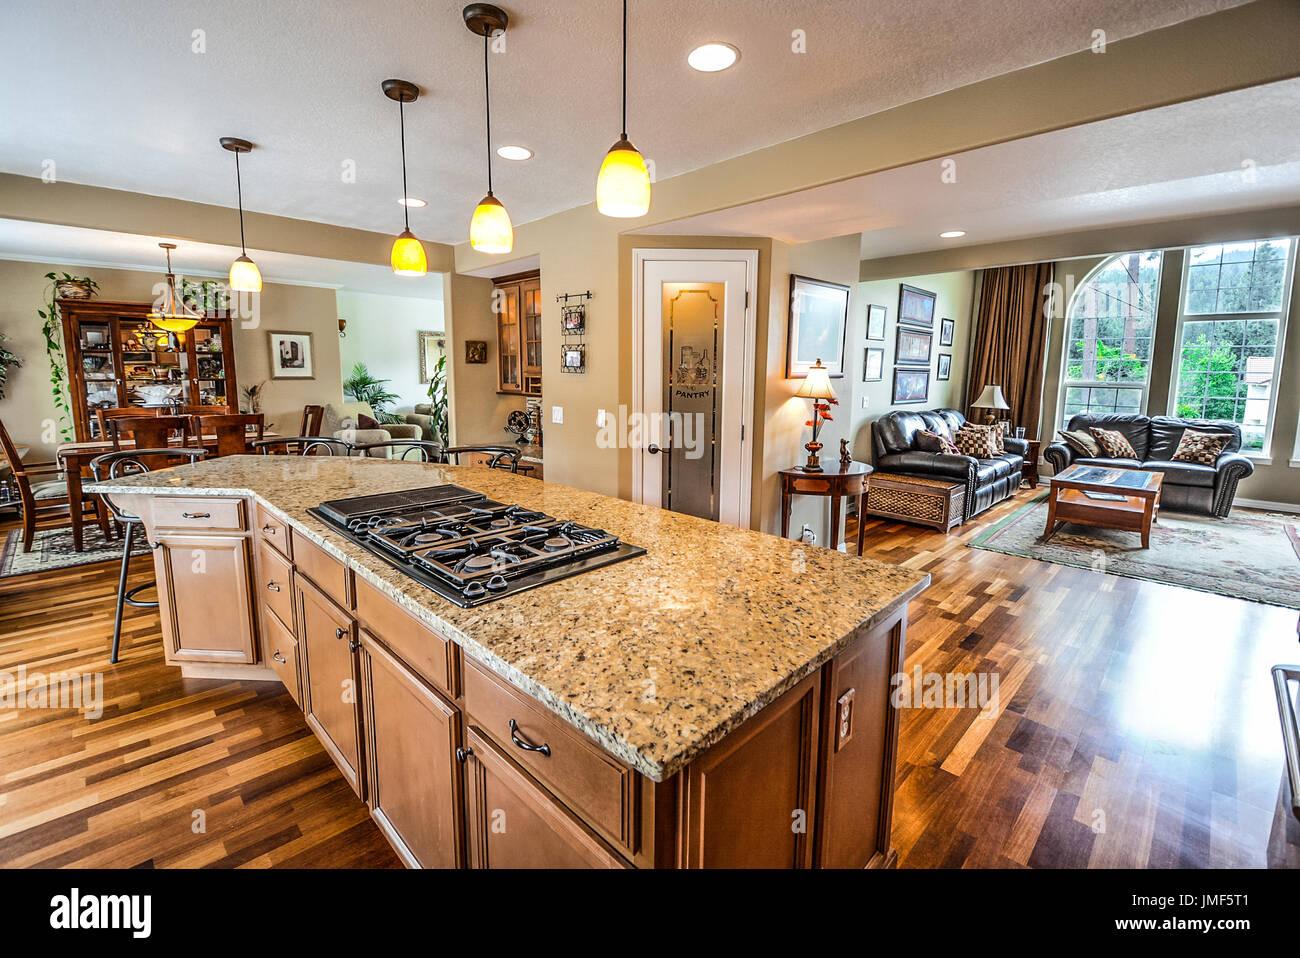 Casa Luxo Espa Oso Com Grandes Granito Centro Superior Ilha Cozinha